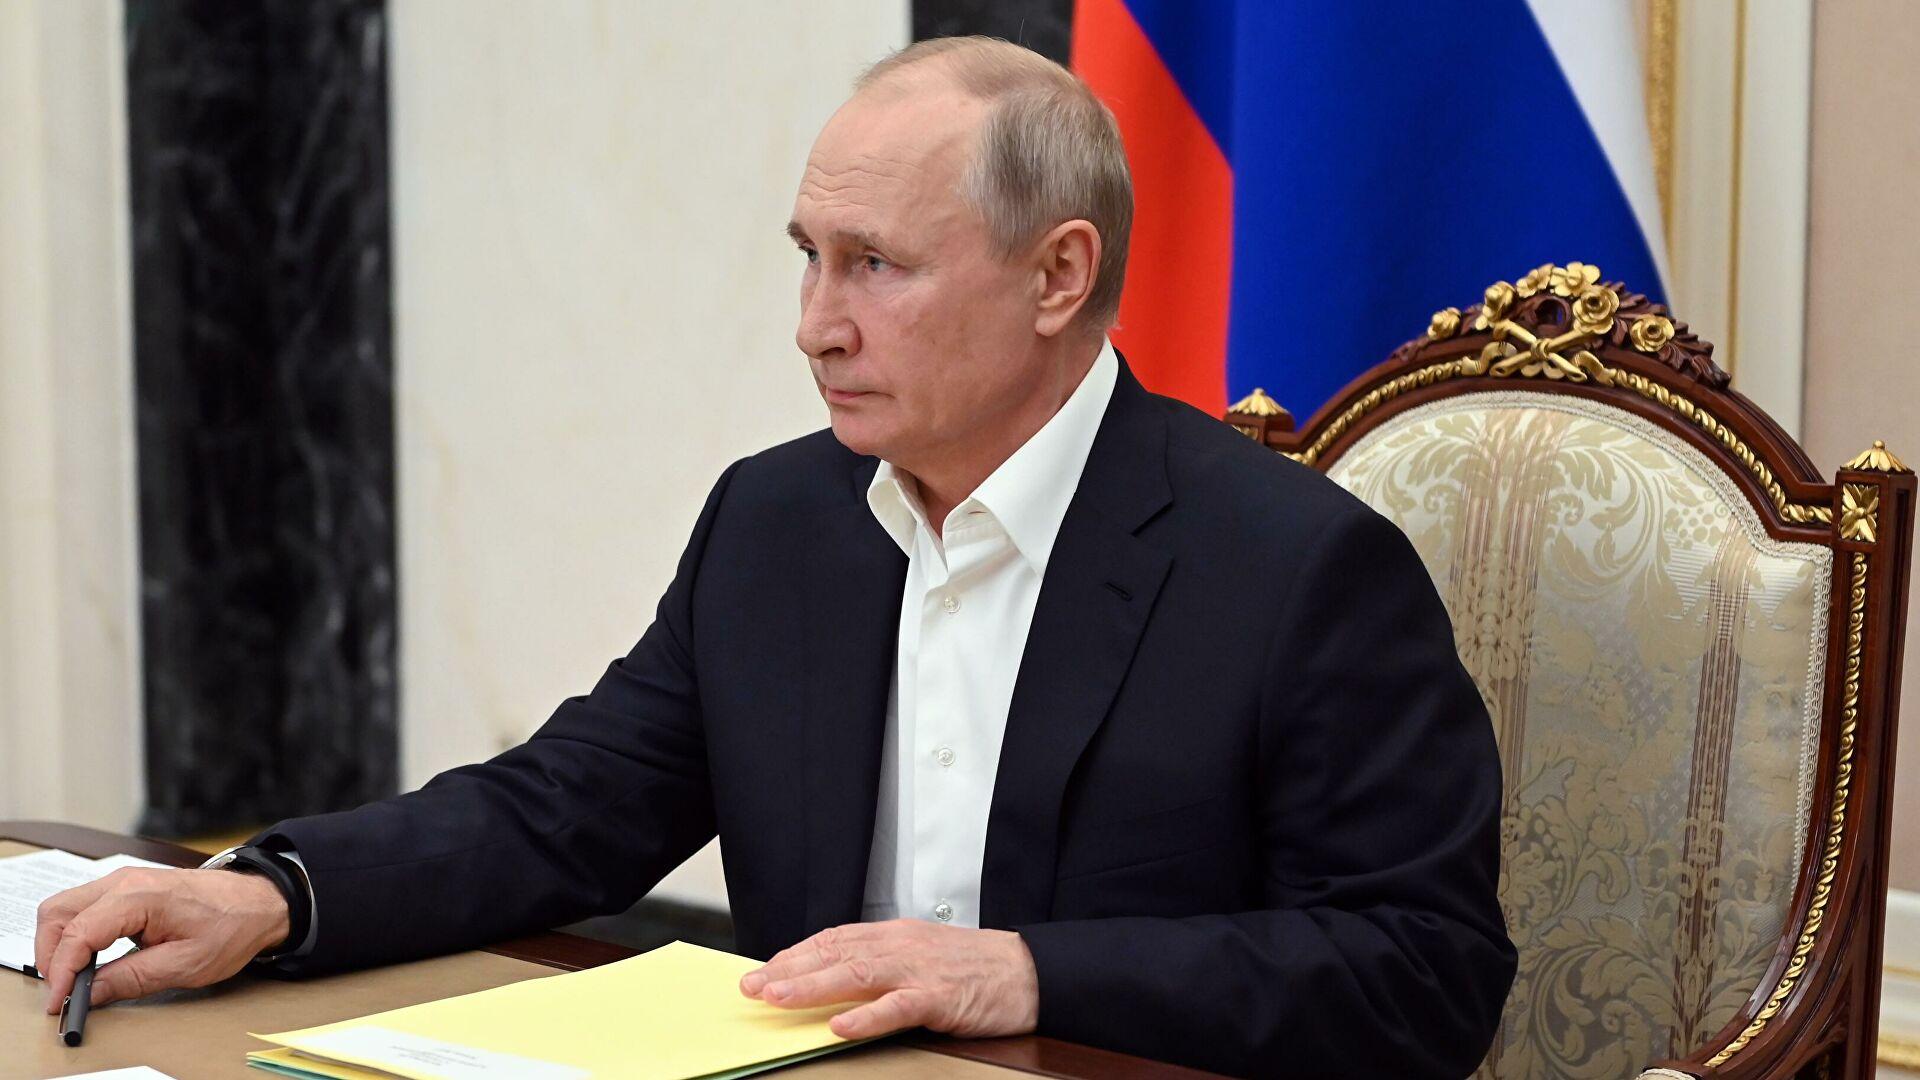 Песков: Наш председник је увек спреман да учини све да заштити нашу земљу